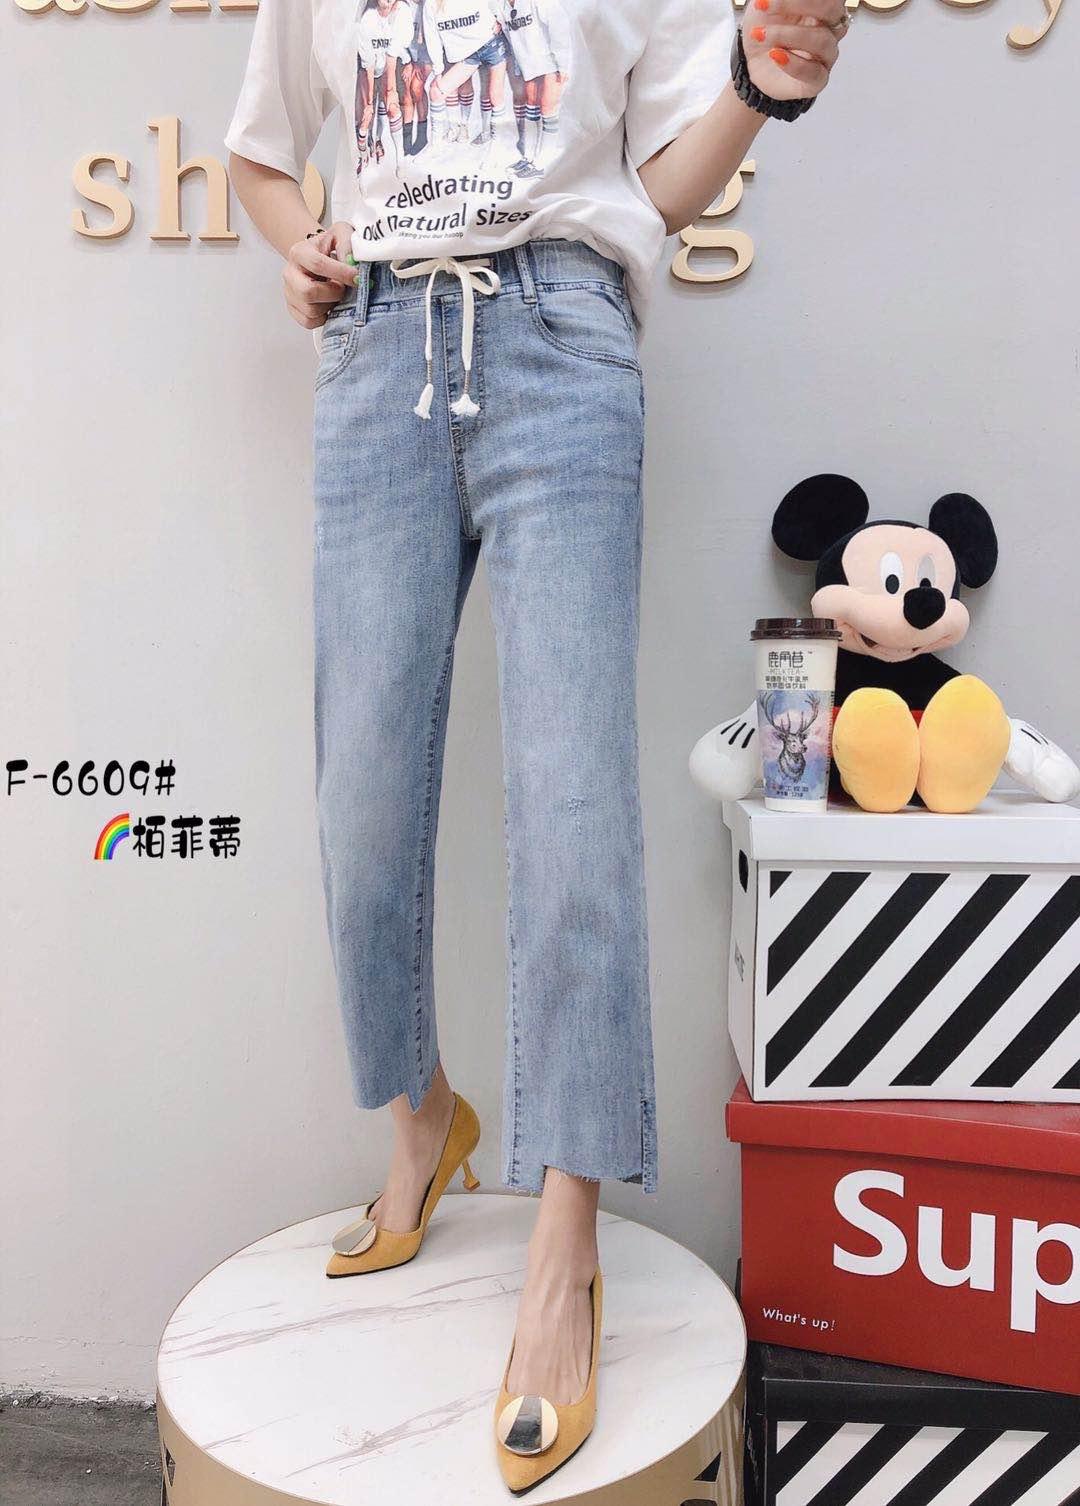 柏菲蒂6609款加肥加大牛仔女裤2020夏季宽松显瘦半松紧腰七八分裤